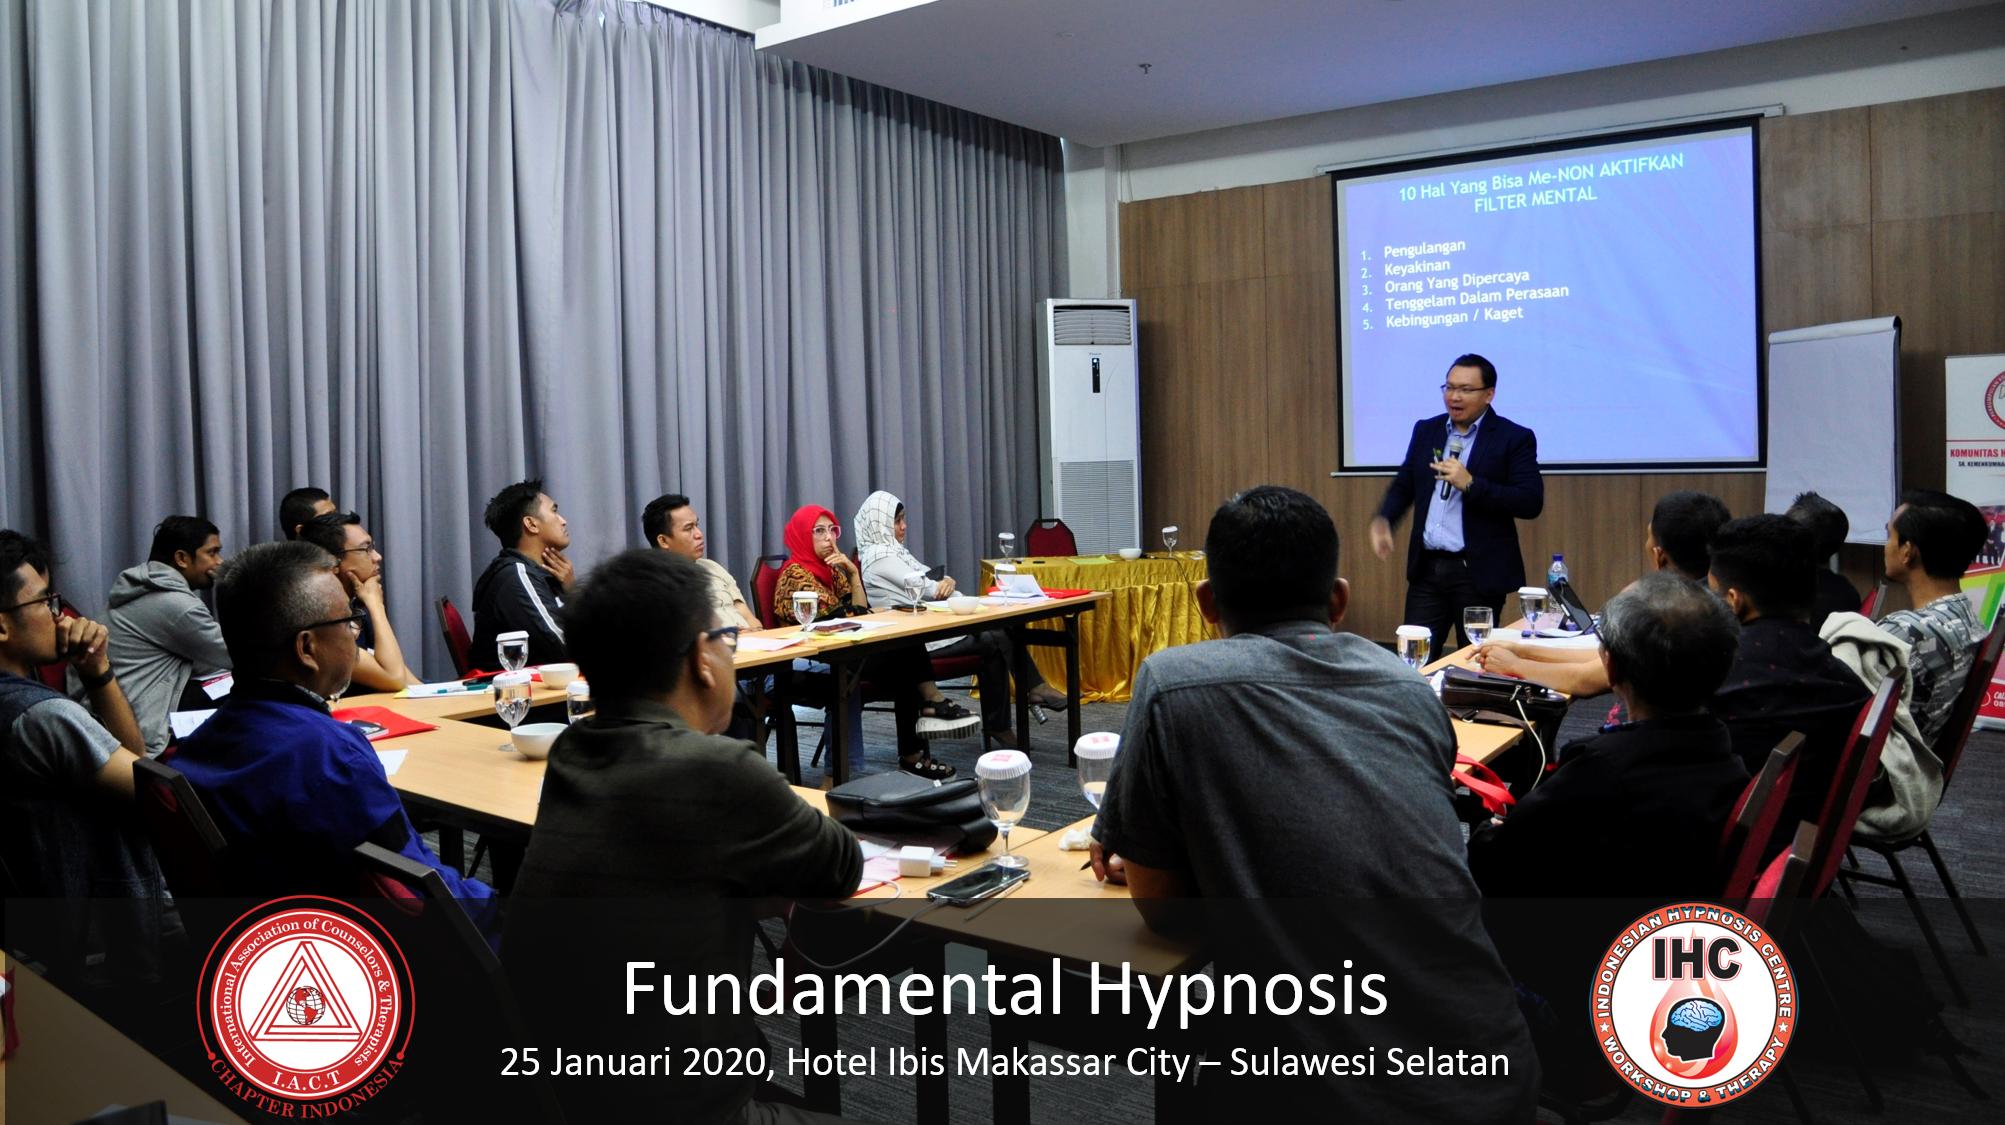 Andri Hakim1 - Fundamental Hypnosis - Januari 25, Makassar 2020